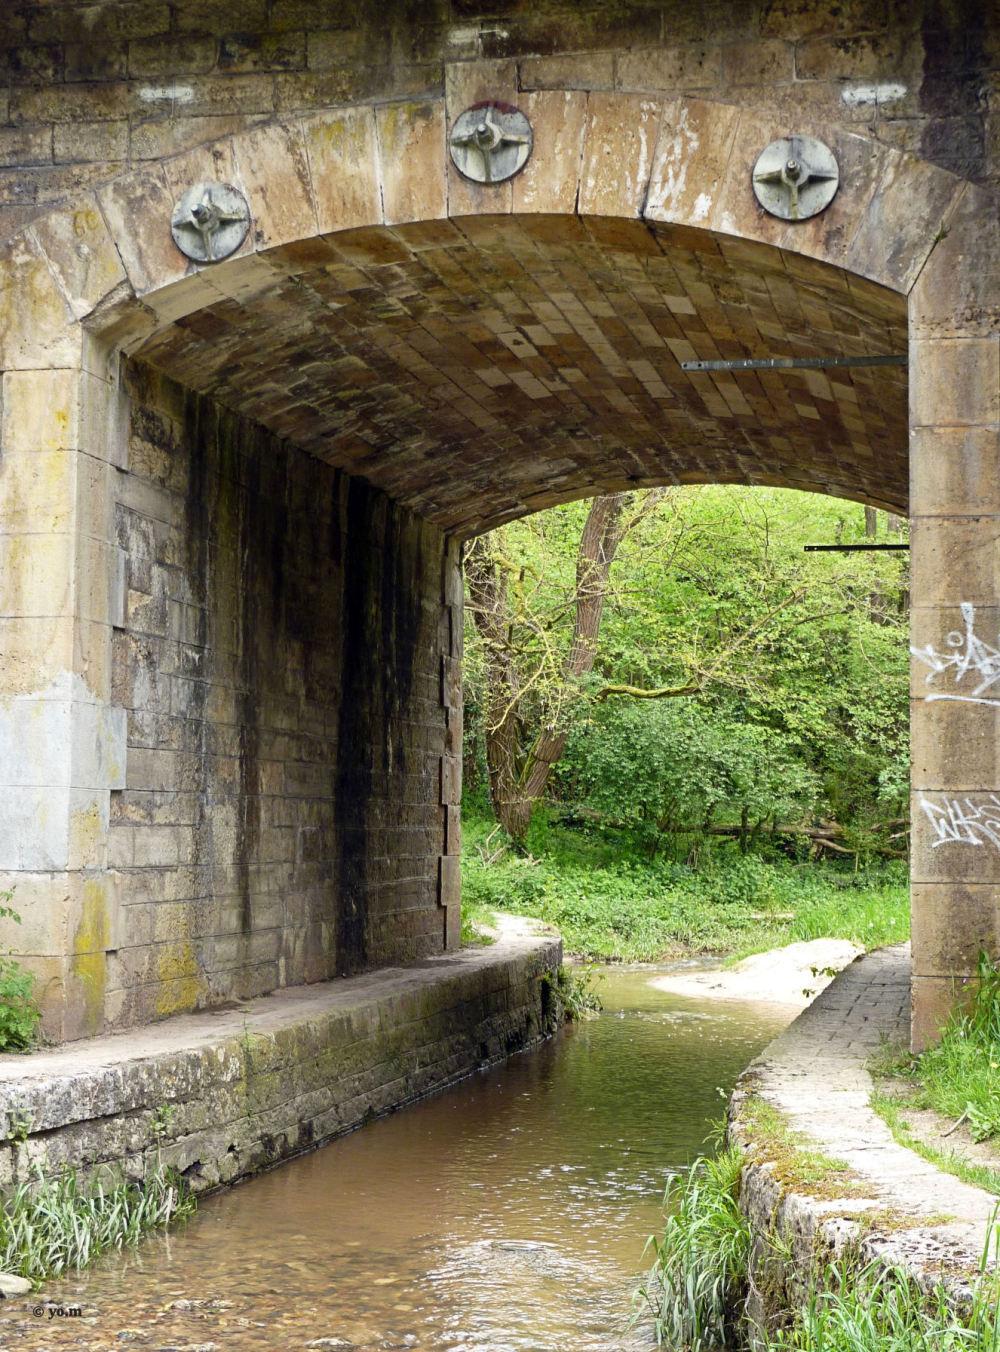 Sous le pont  # 2